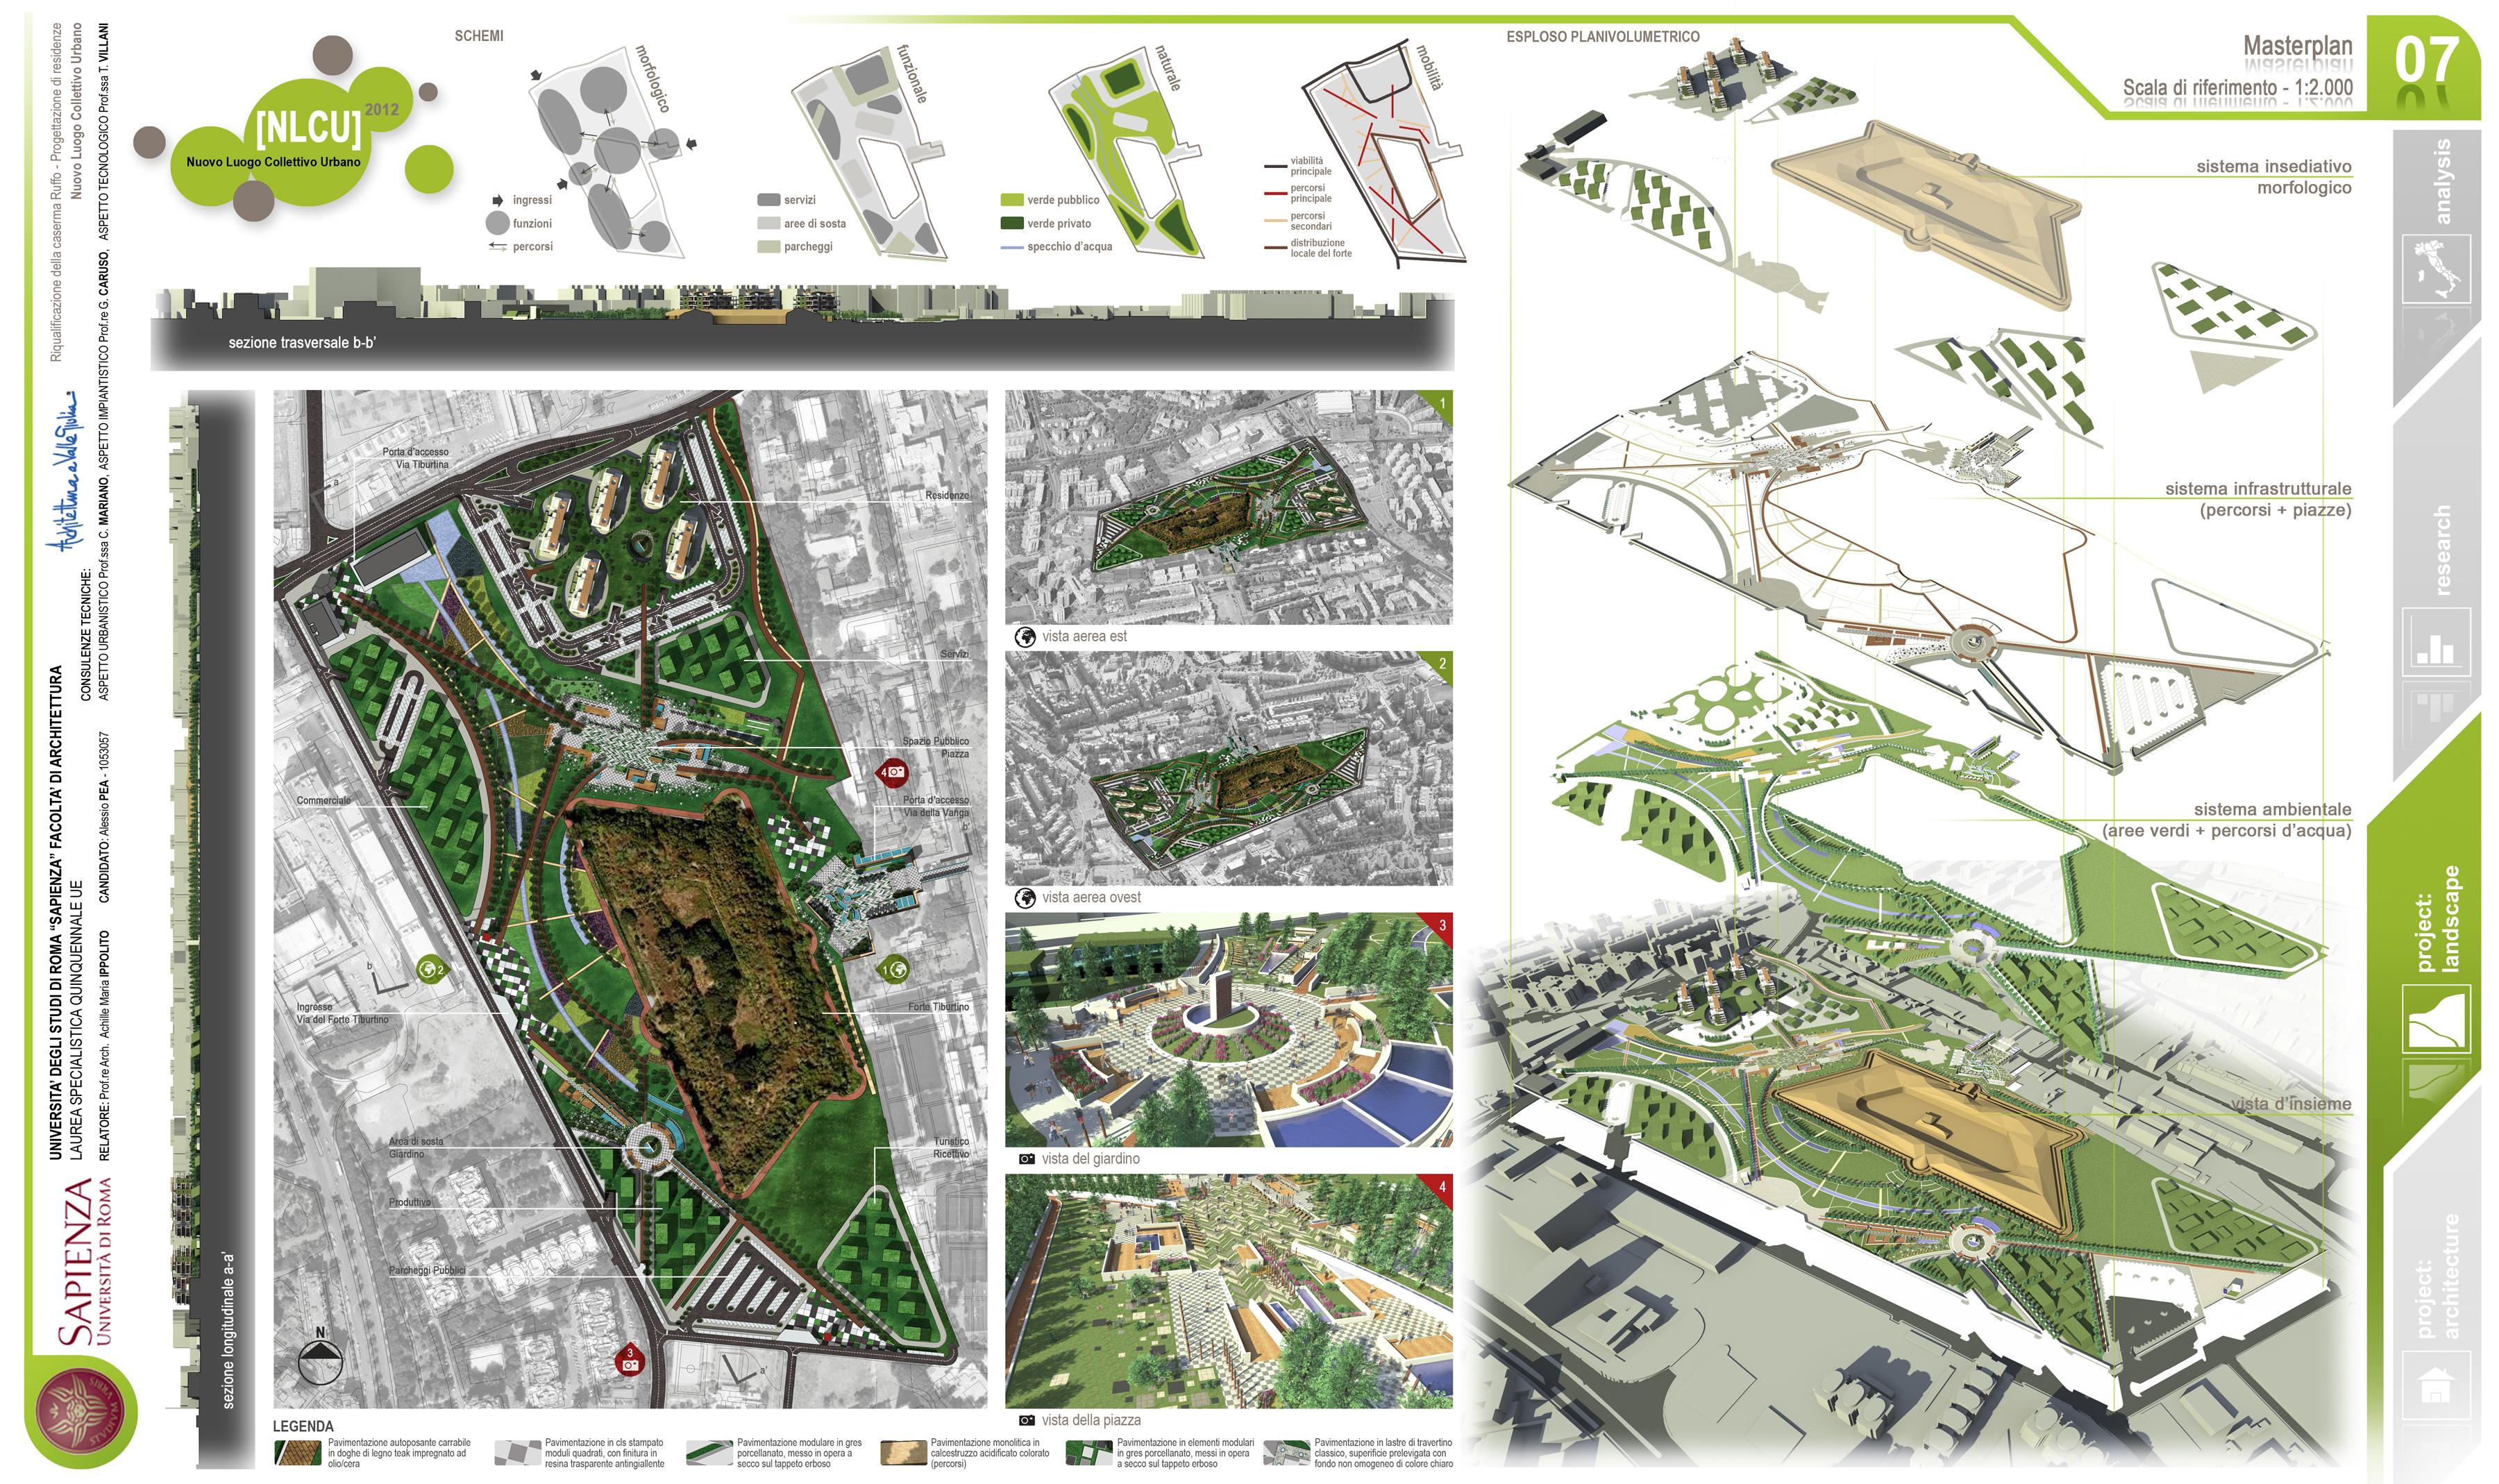 Tesi di laurea in architettura di alessio pea for Master architettura